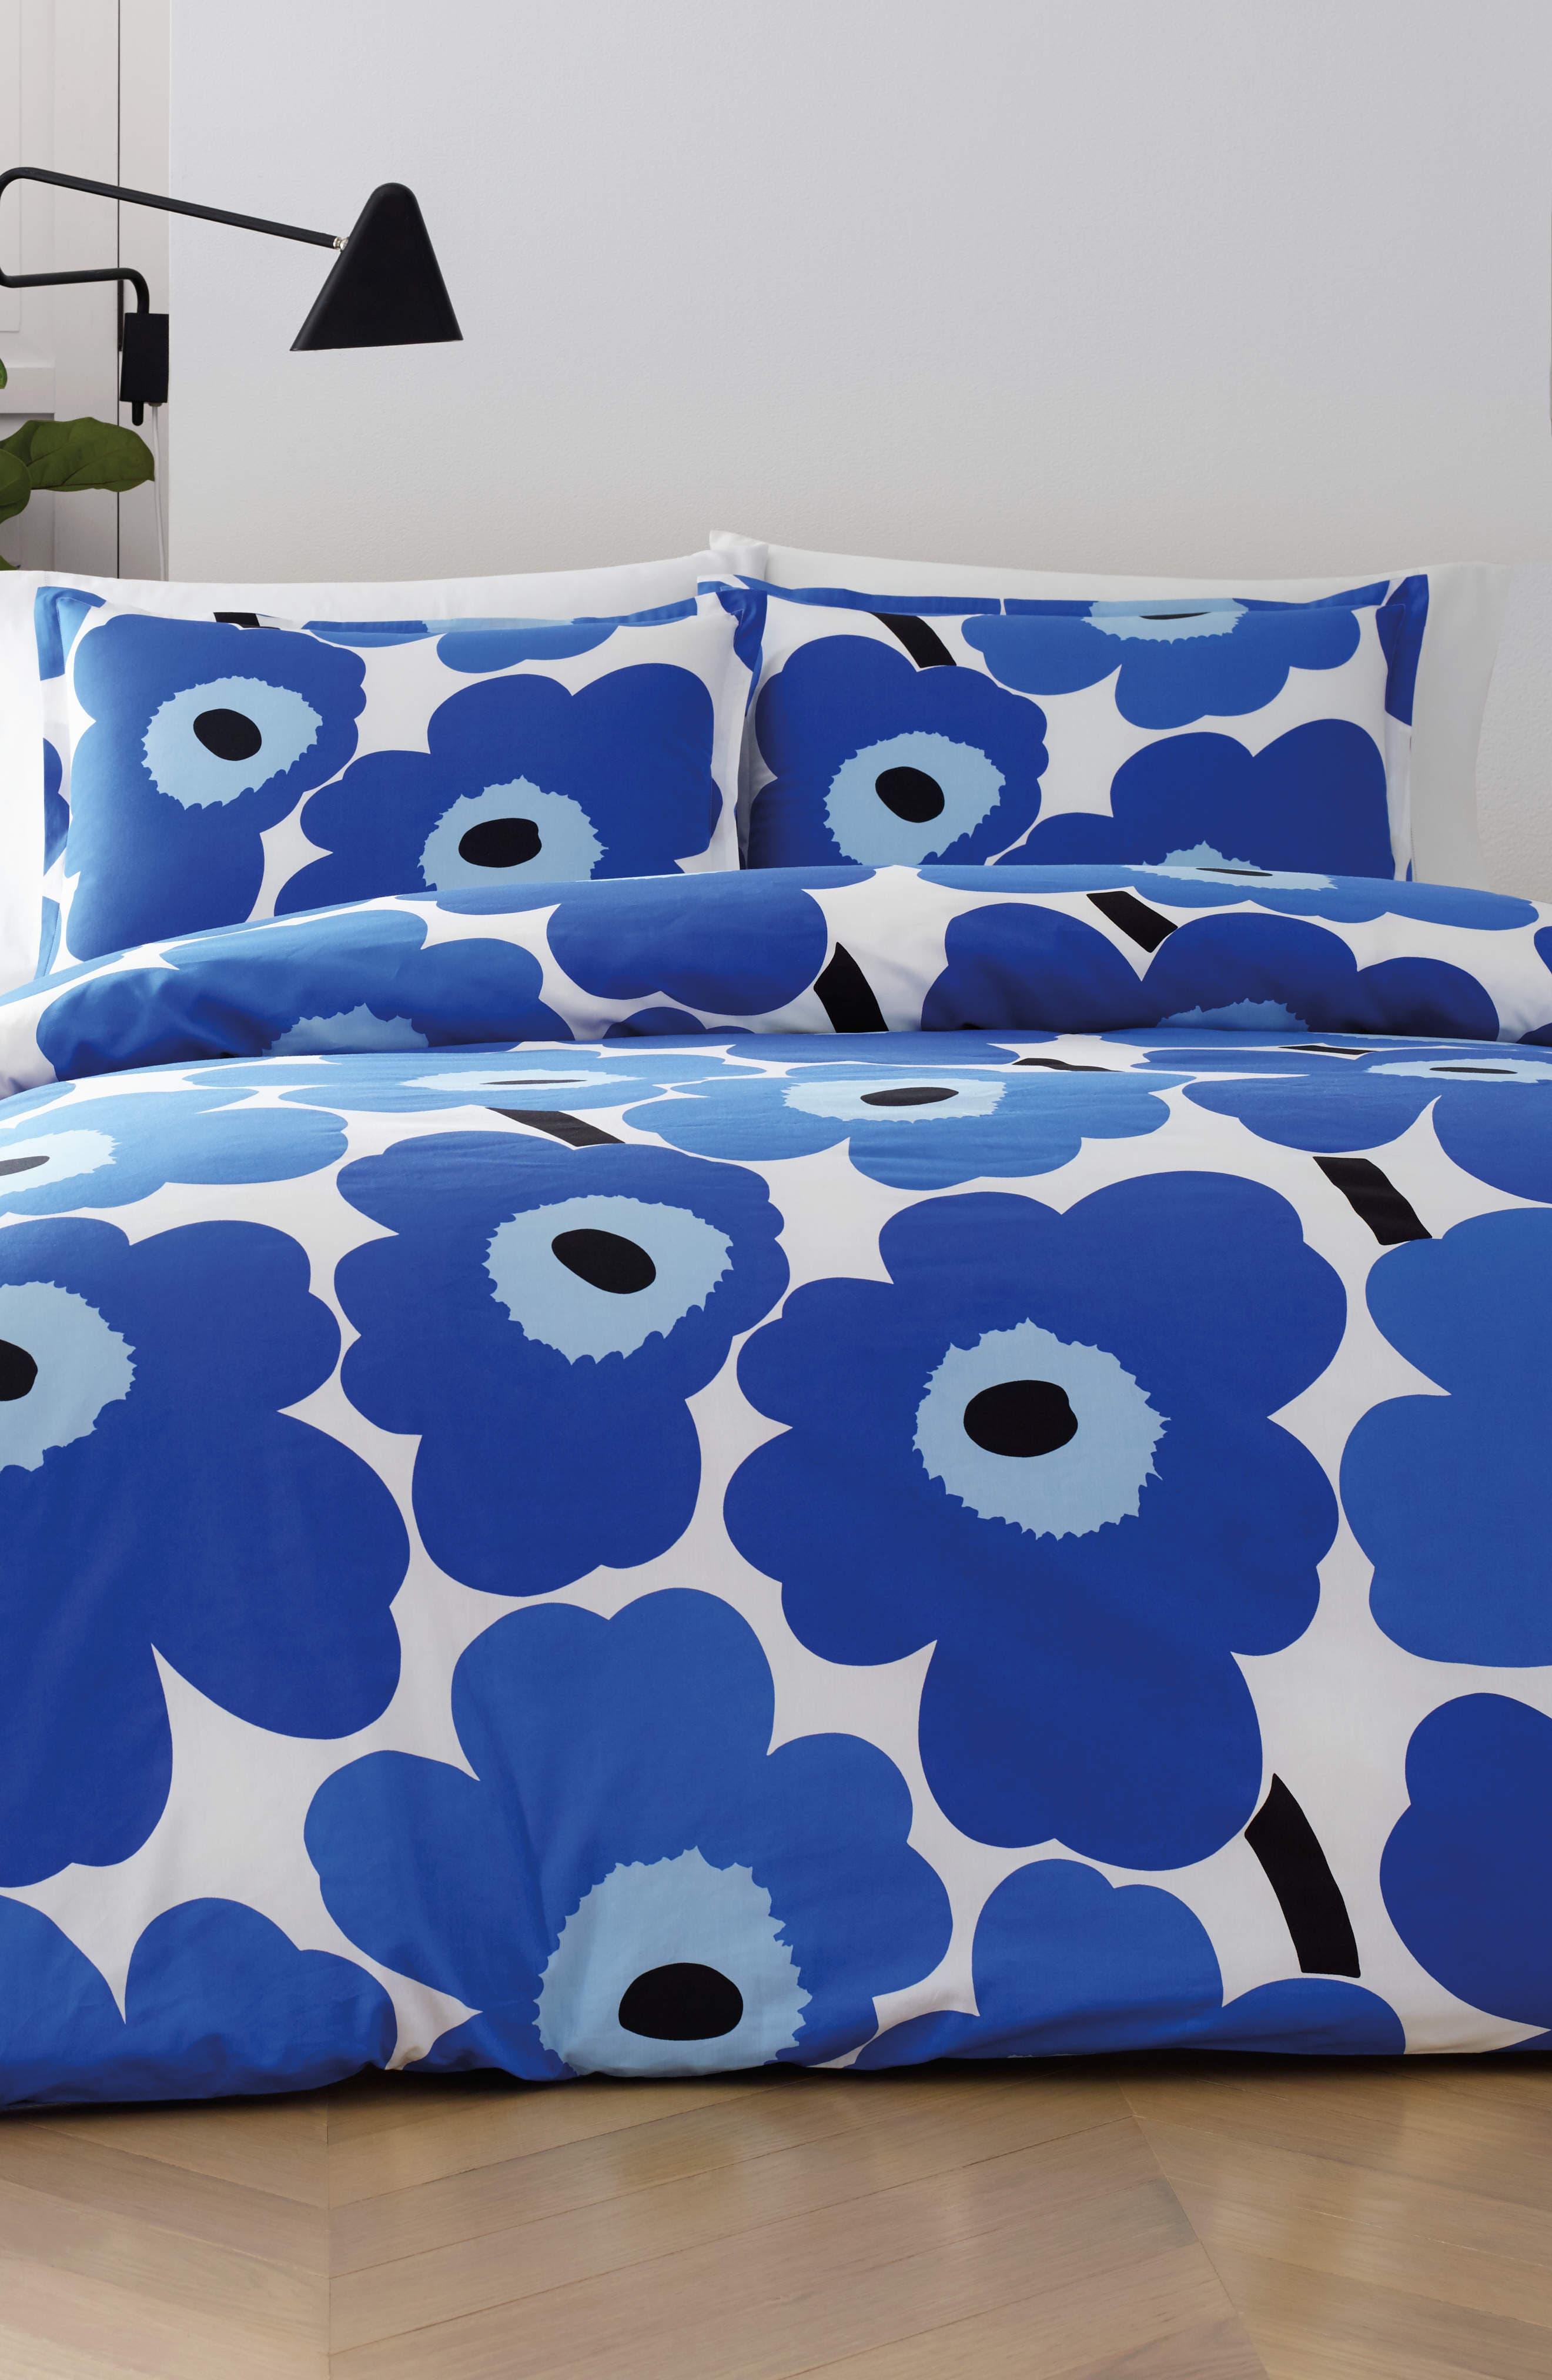 Unikko Comforter & Sham Set,                             Main thumbnail 1, color,                             BLUE